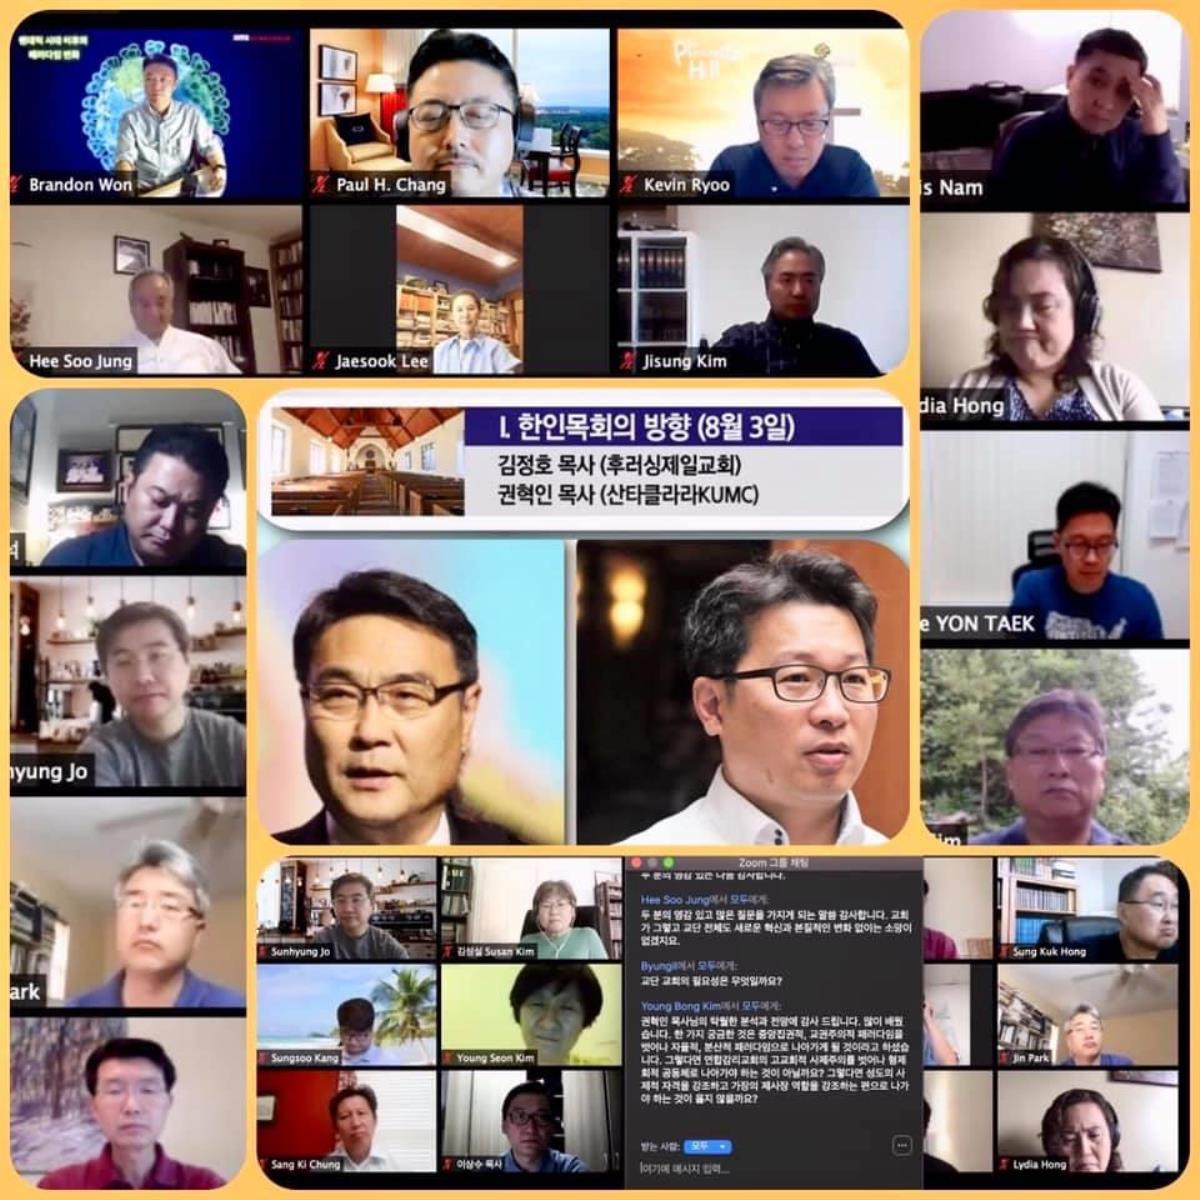 8월 3일 한인목회강화협의회에서 주최한 <팬데믹 이후 시대의 패러다임 변화> 웨비나에 한인목회의 방향을 주제로 김정호 목사와 권혁인 목사가 주제 발표를 했다. 줌을 통하여 열린 웨비나 참석자들의 모습의 화면을 캡쳐한 것이다.